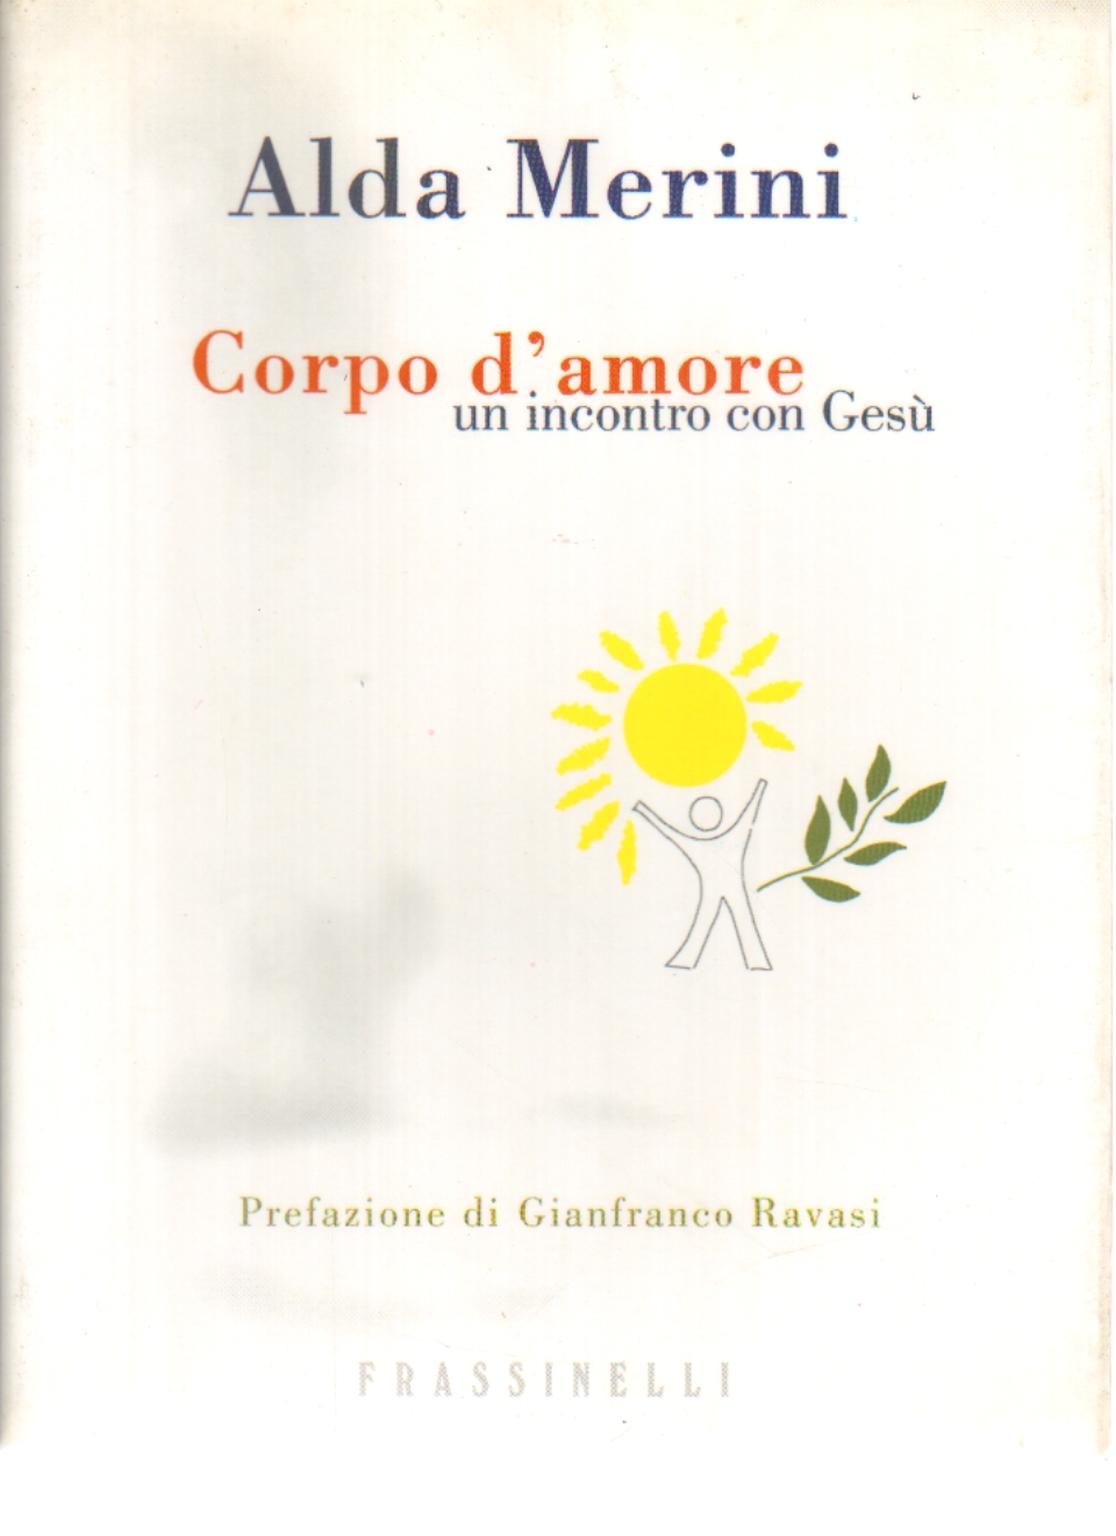 Decorazioni Lettere D Amore corpo d'amore - alda merini - poesia italiana - poesia